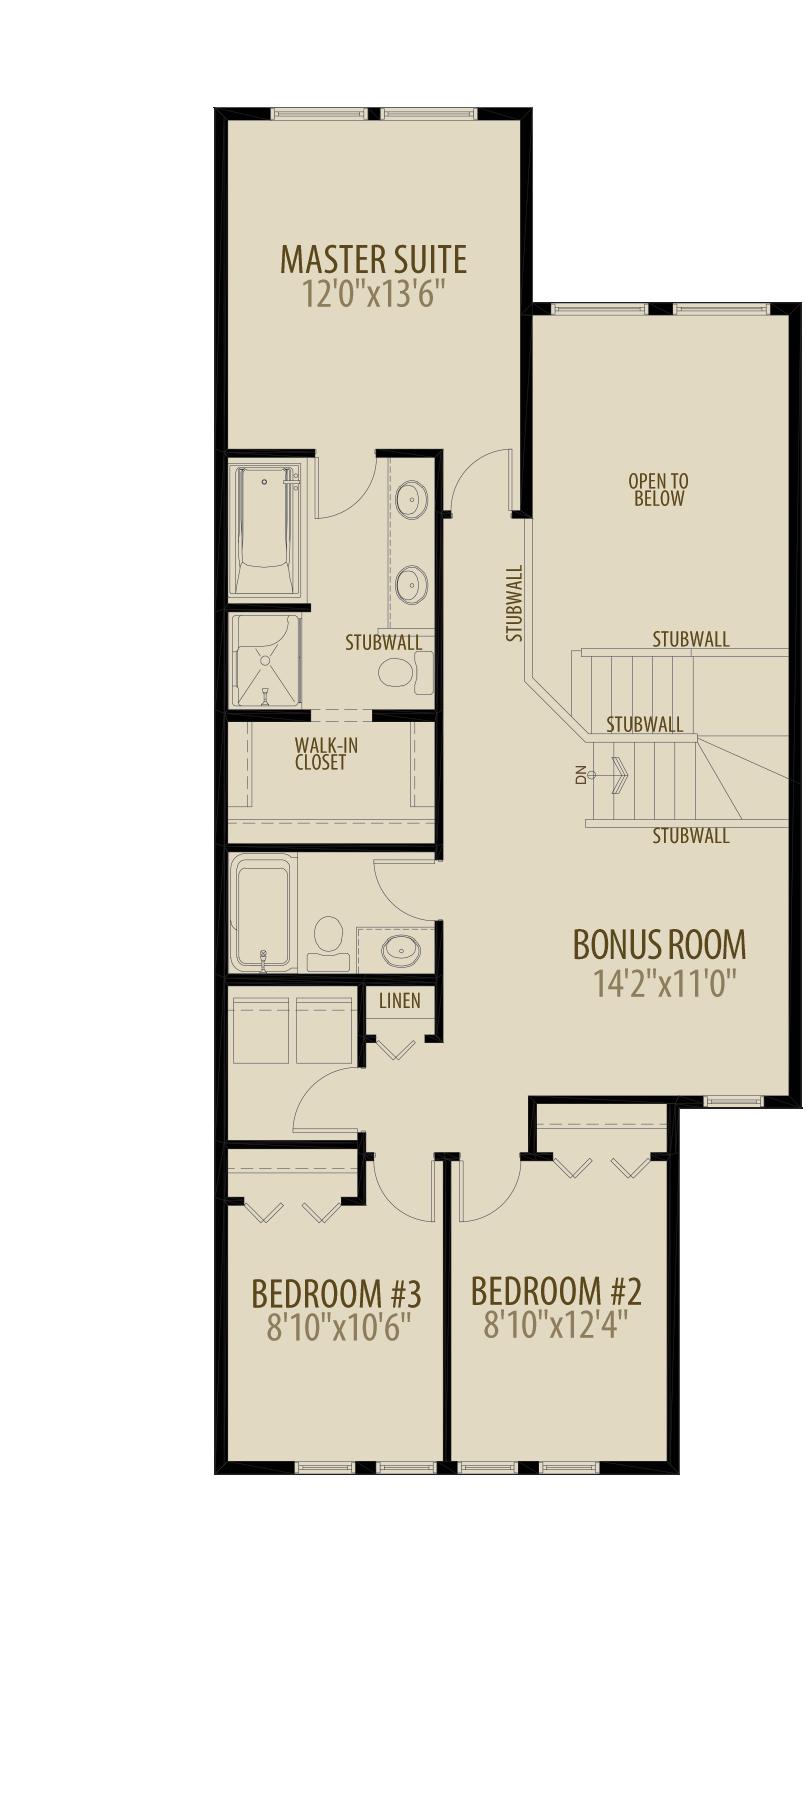 Upper Open to Below Bonus Room Removes 85 sq ft